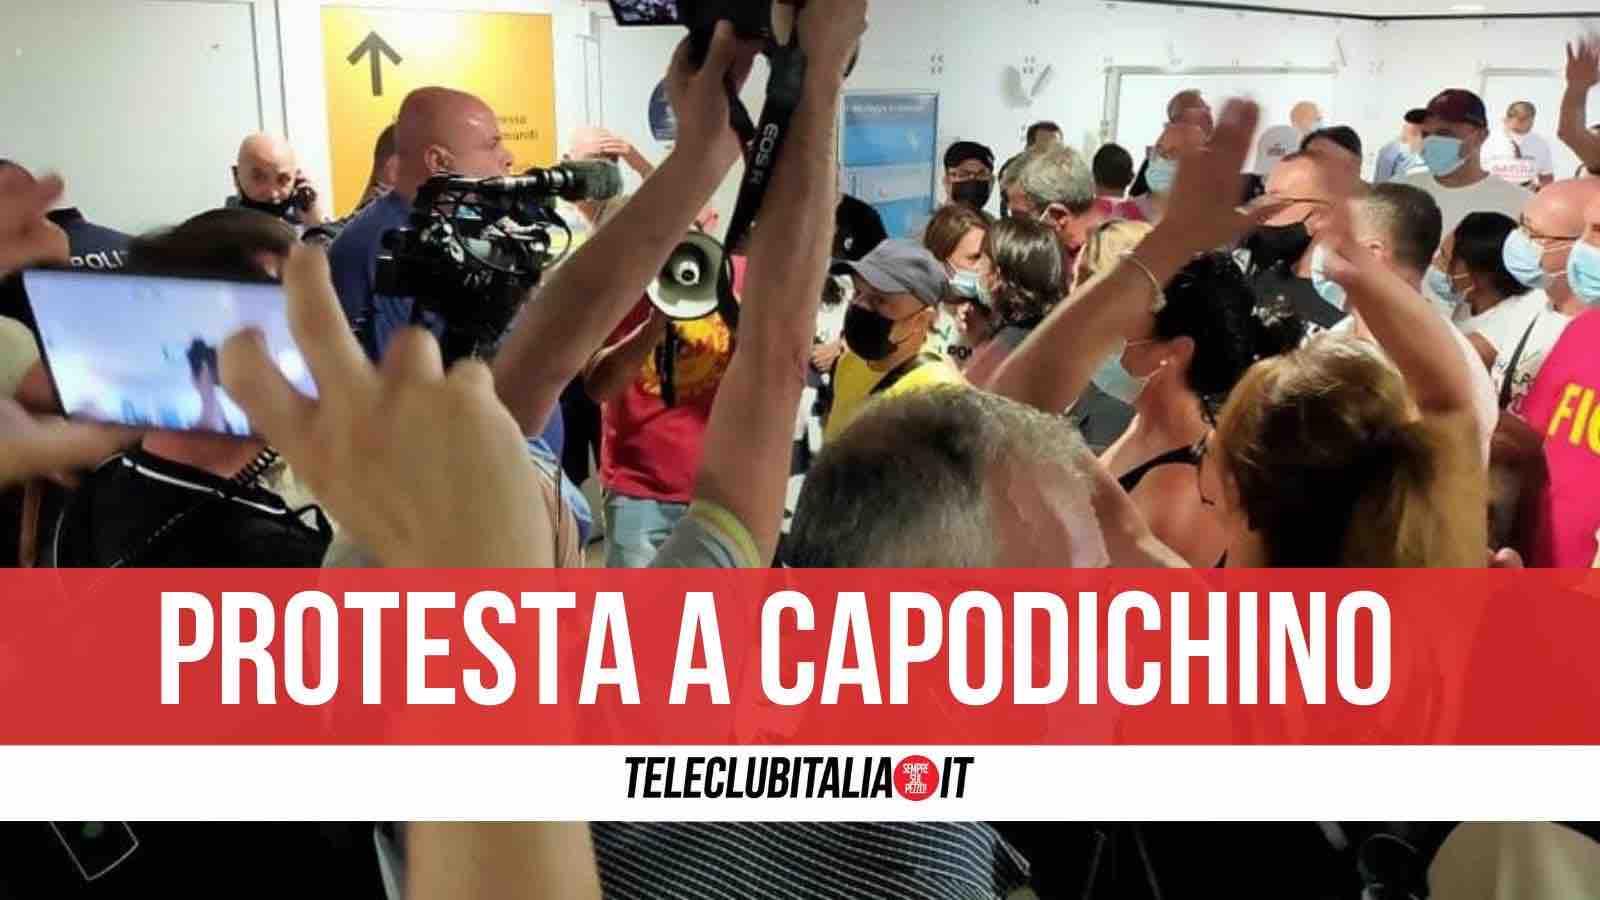 protesta whirlpool capodichino